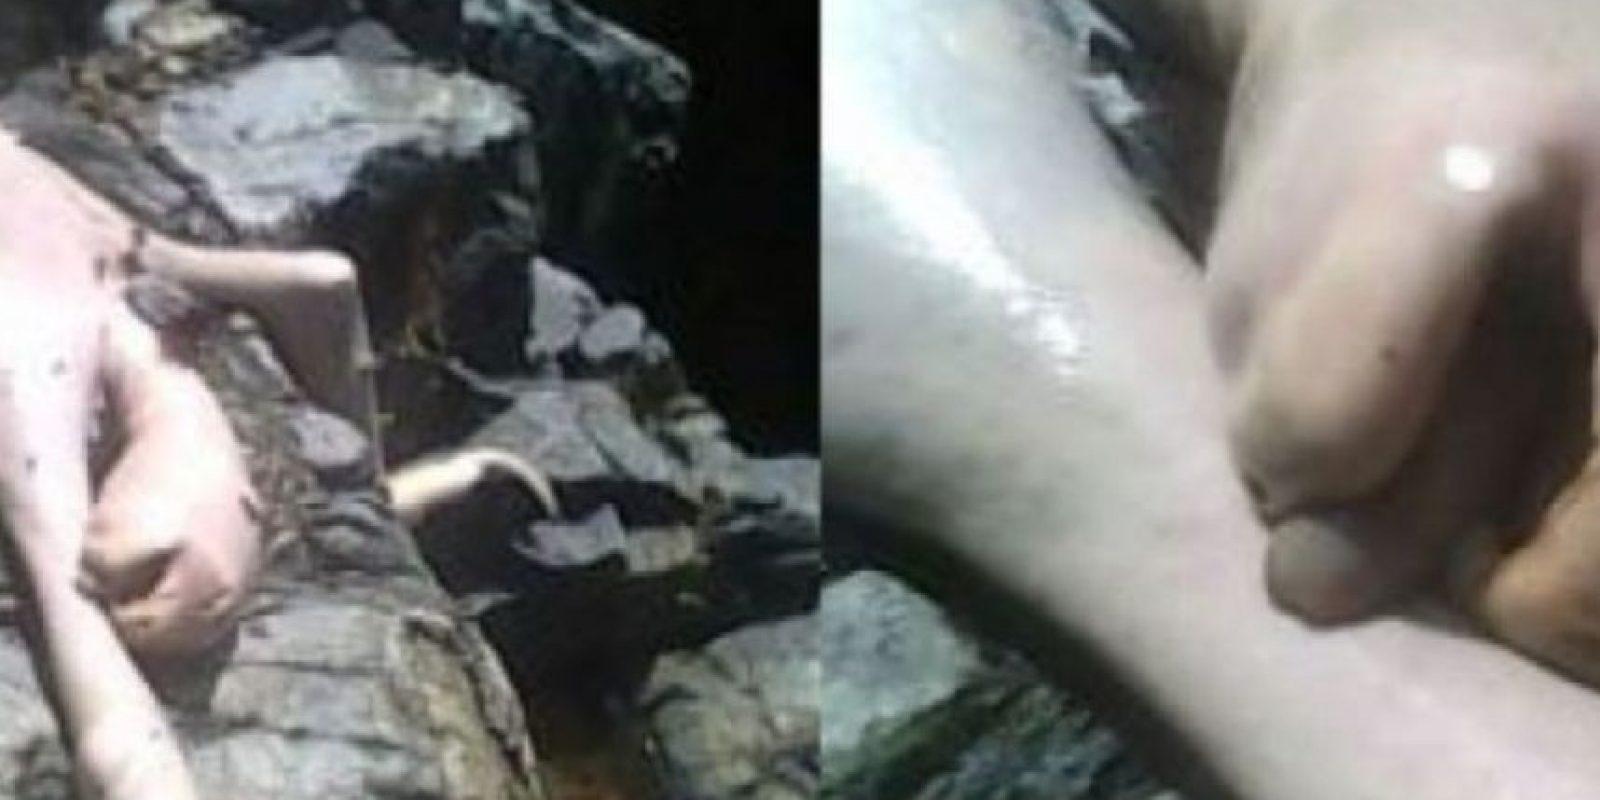 7. En 2009, unos jóvenes se encontraban en un paraje natural, cuando vieron a una extraña criatura escalar y la mataron a pedradas. La criatura no tenía pelo, y pronto los medios comenzaron a llamarla 'Gollum', como el personaje de 'El Señor de los Anillos'. Según el portal 'Crítica en Línea', es la mutación de un animal. Foto:Vía Youtube